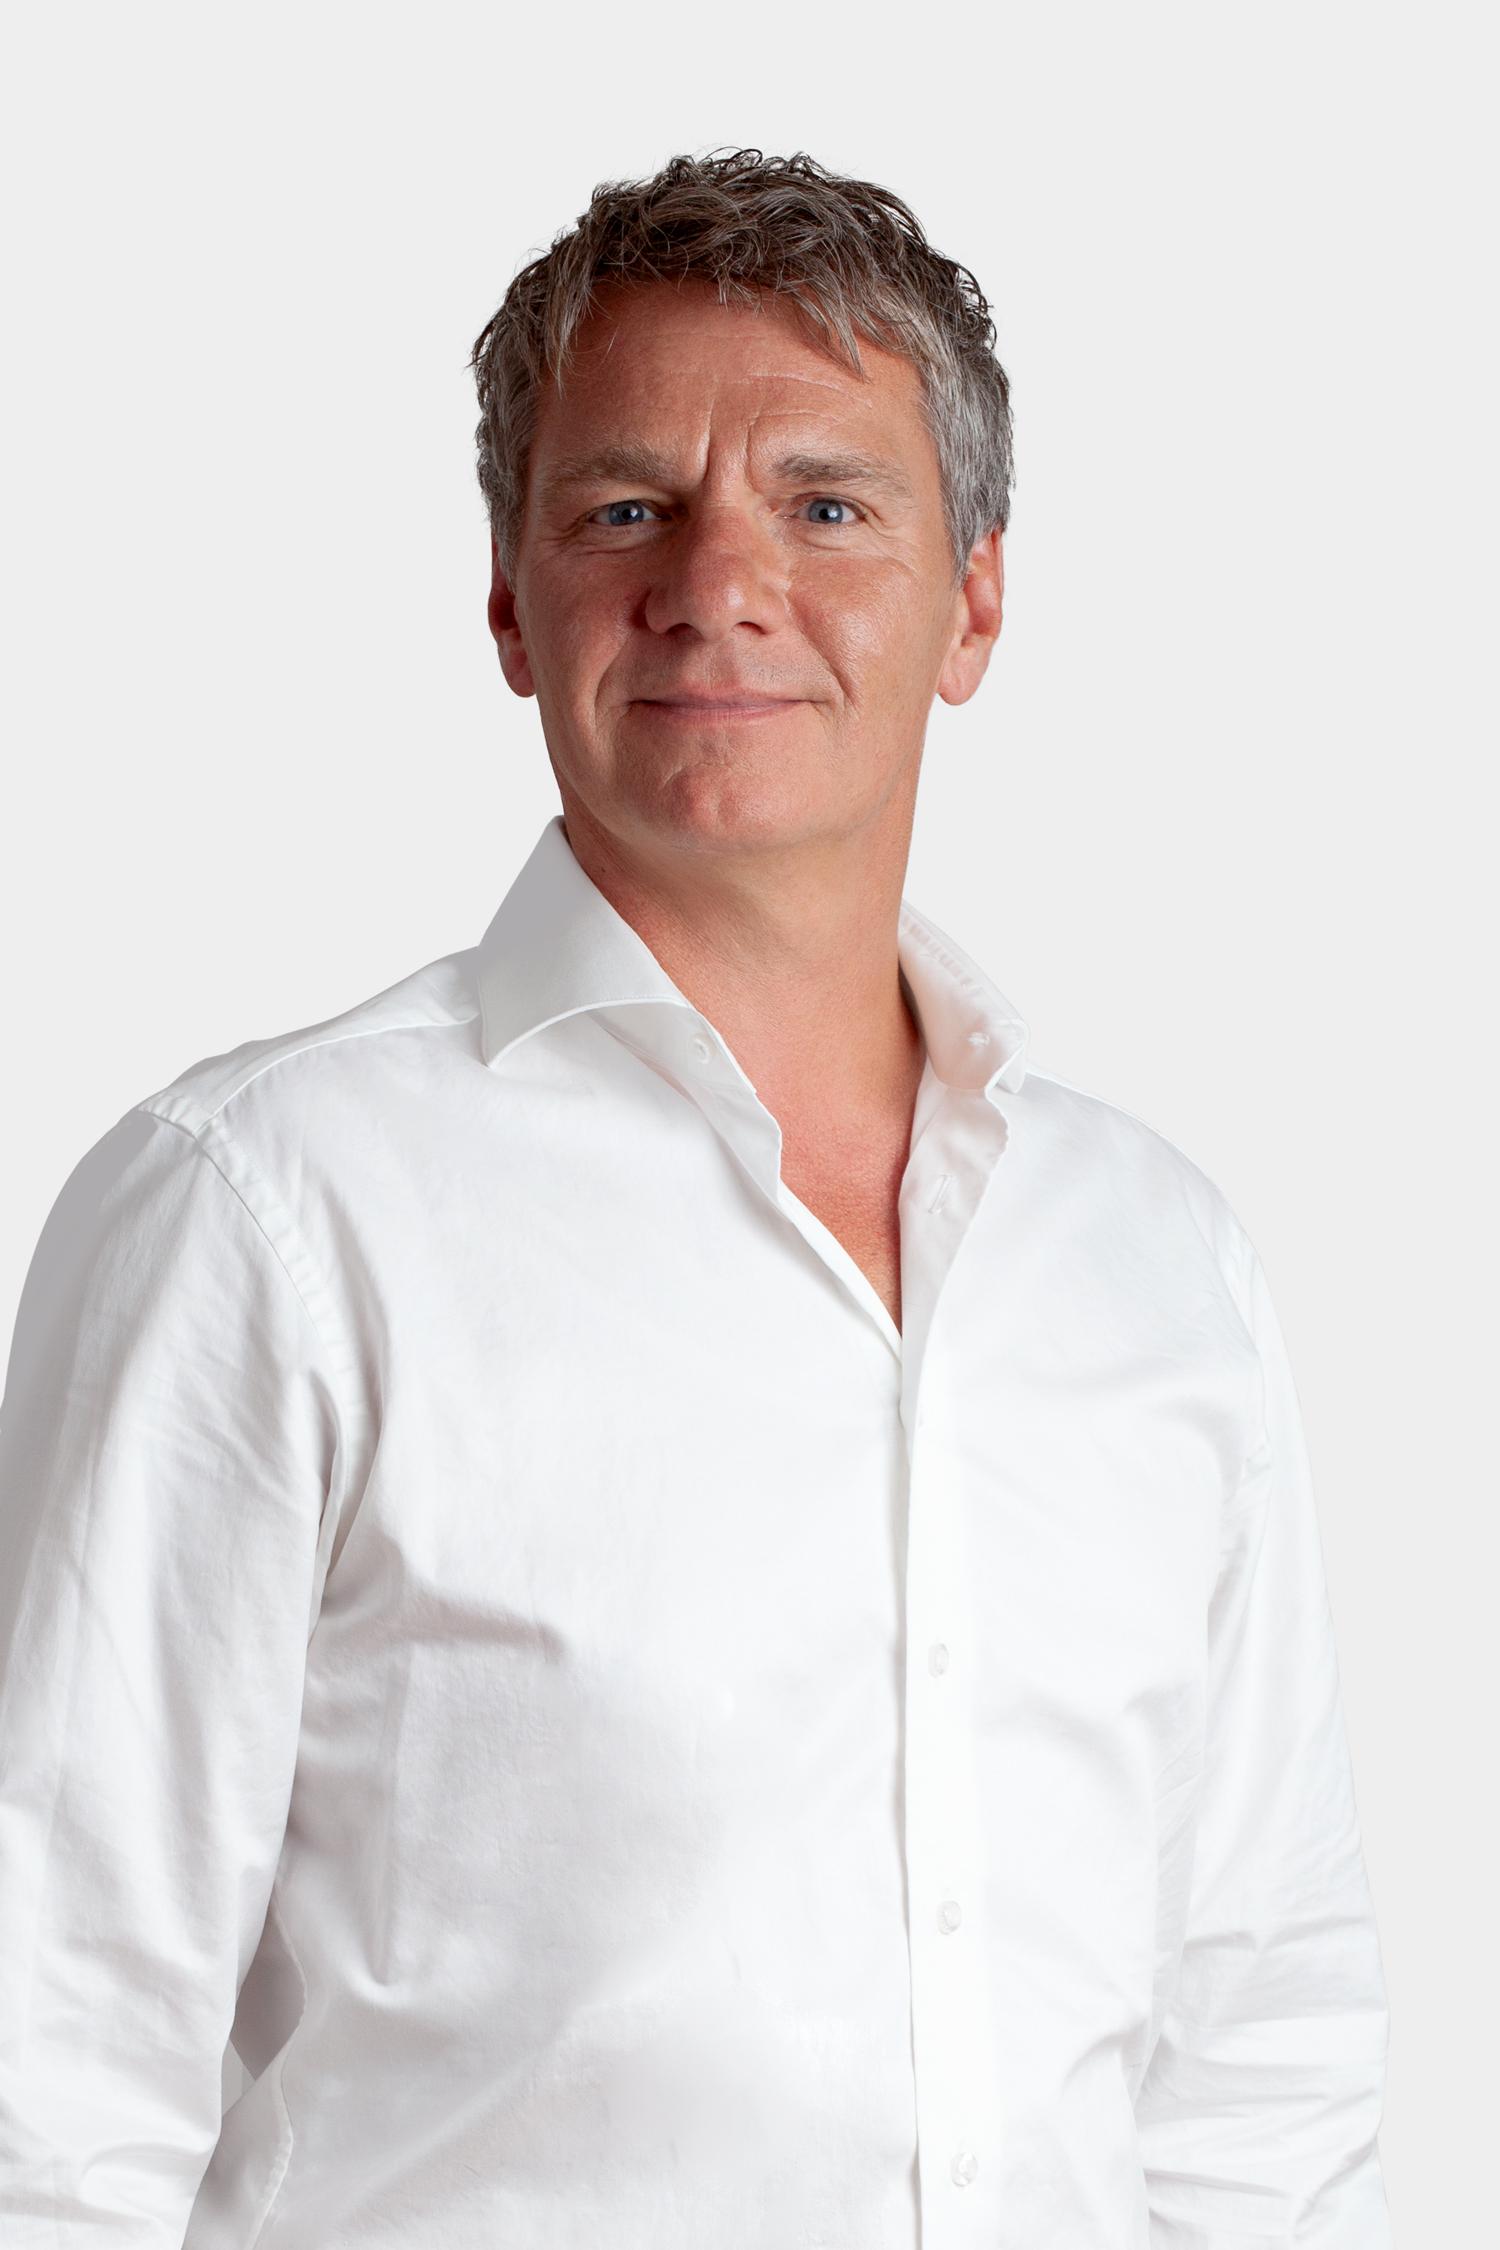 Peter Jaeger